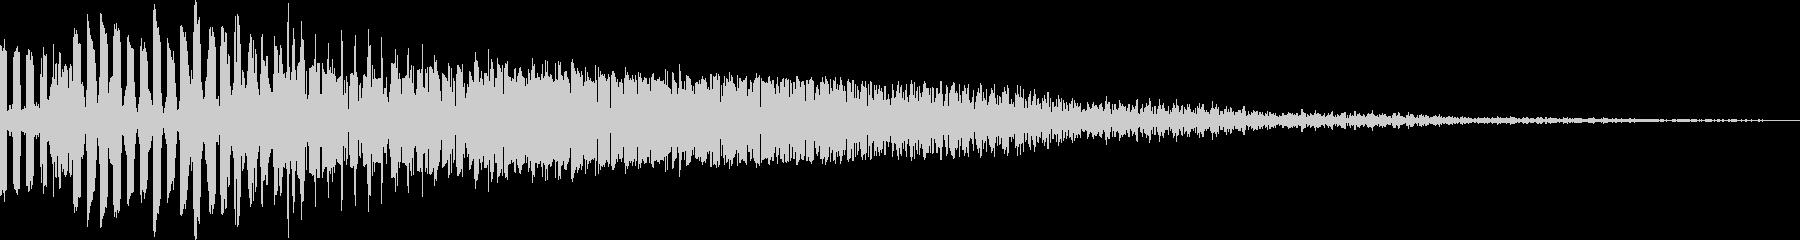 AMGアナログFX26の未再生の波形